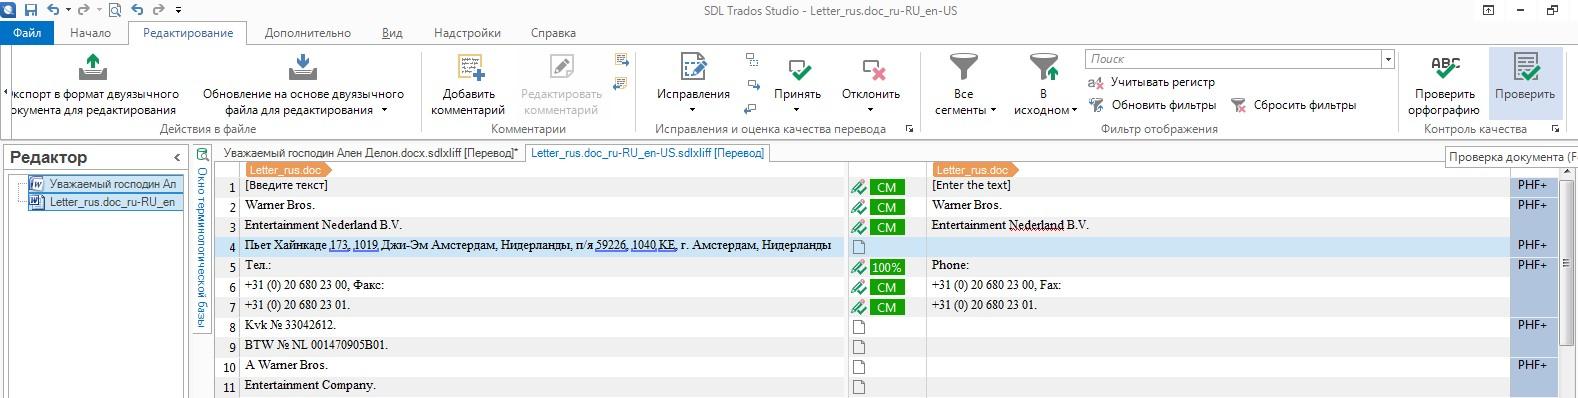 FAQ Trados в Бюро переводов Lingvo Moscow